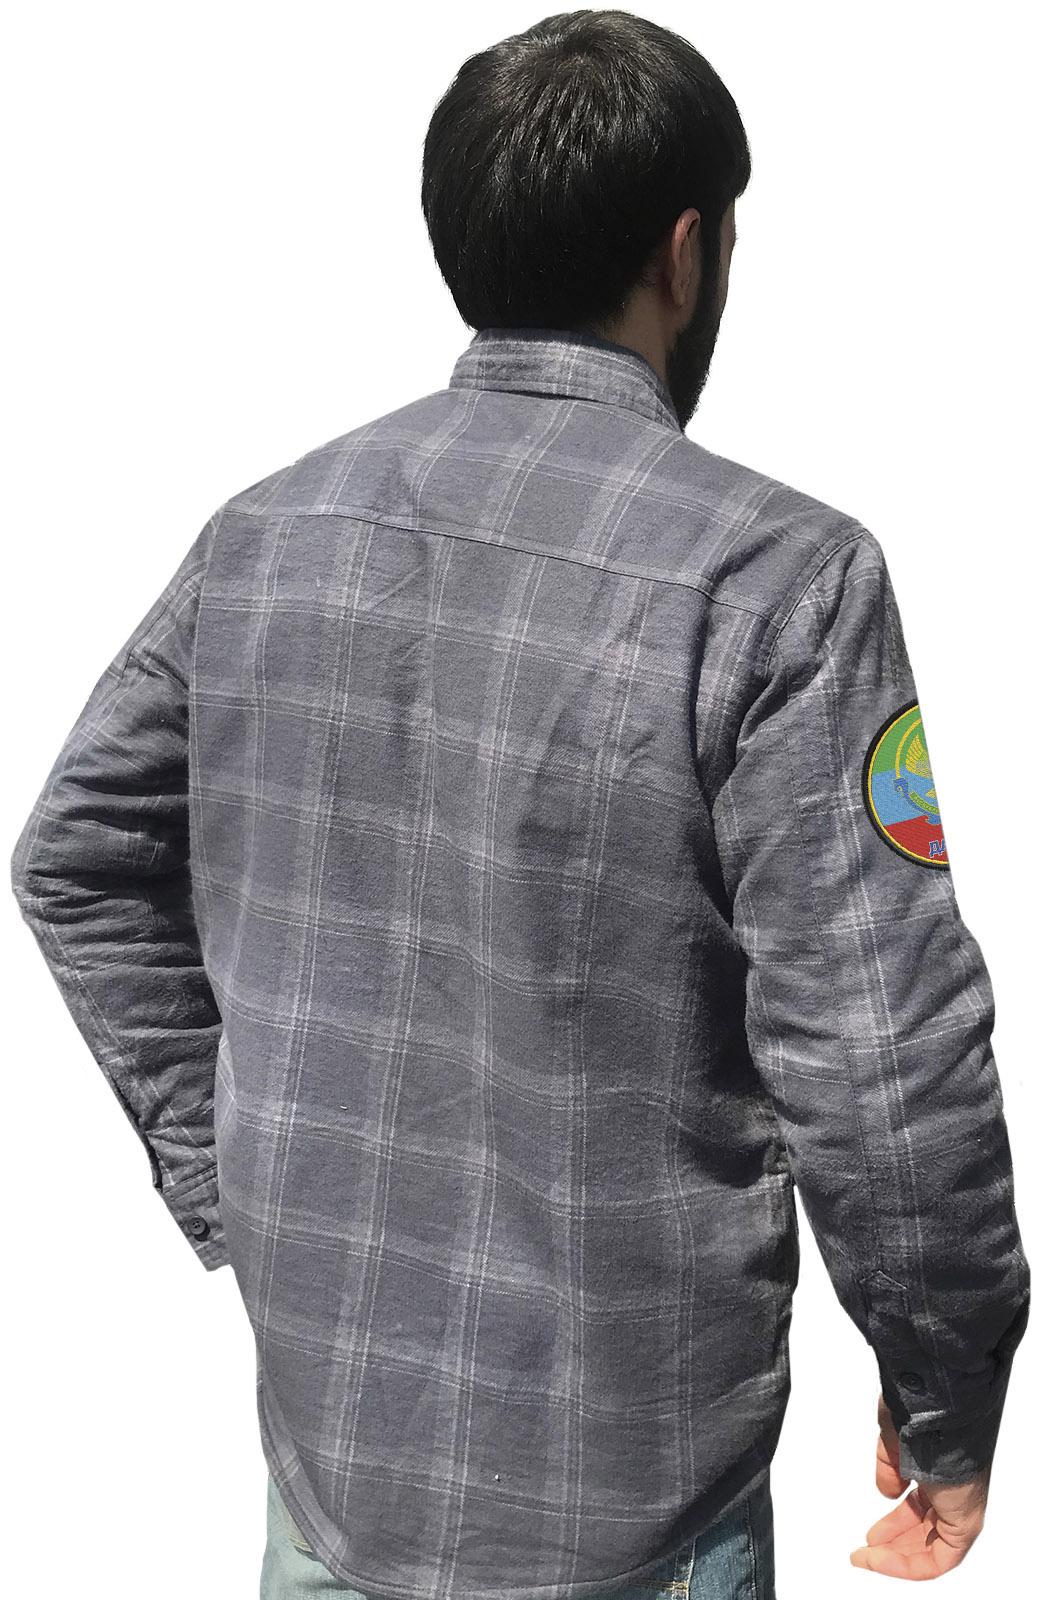 Купить лучшую мужскую рубашку с вышитым флагом Дагестана оптом выгодно